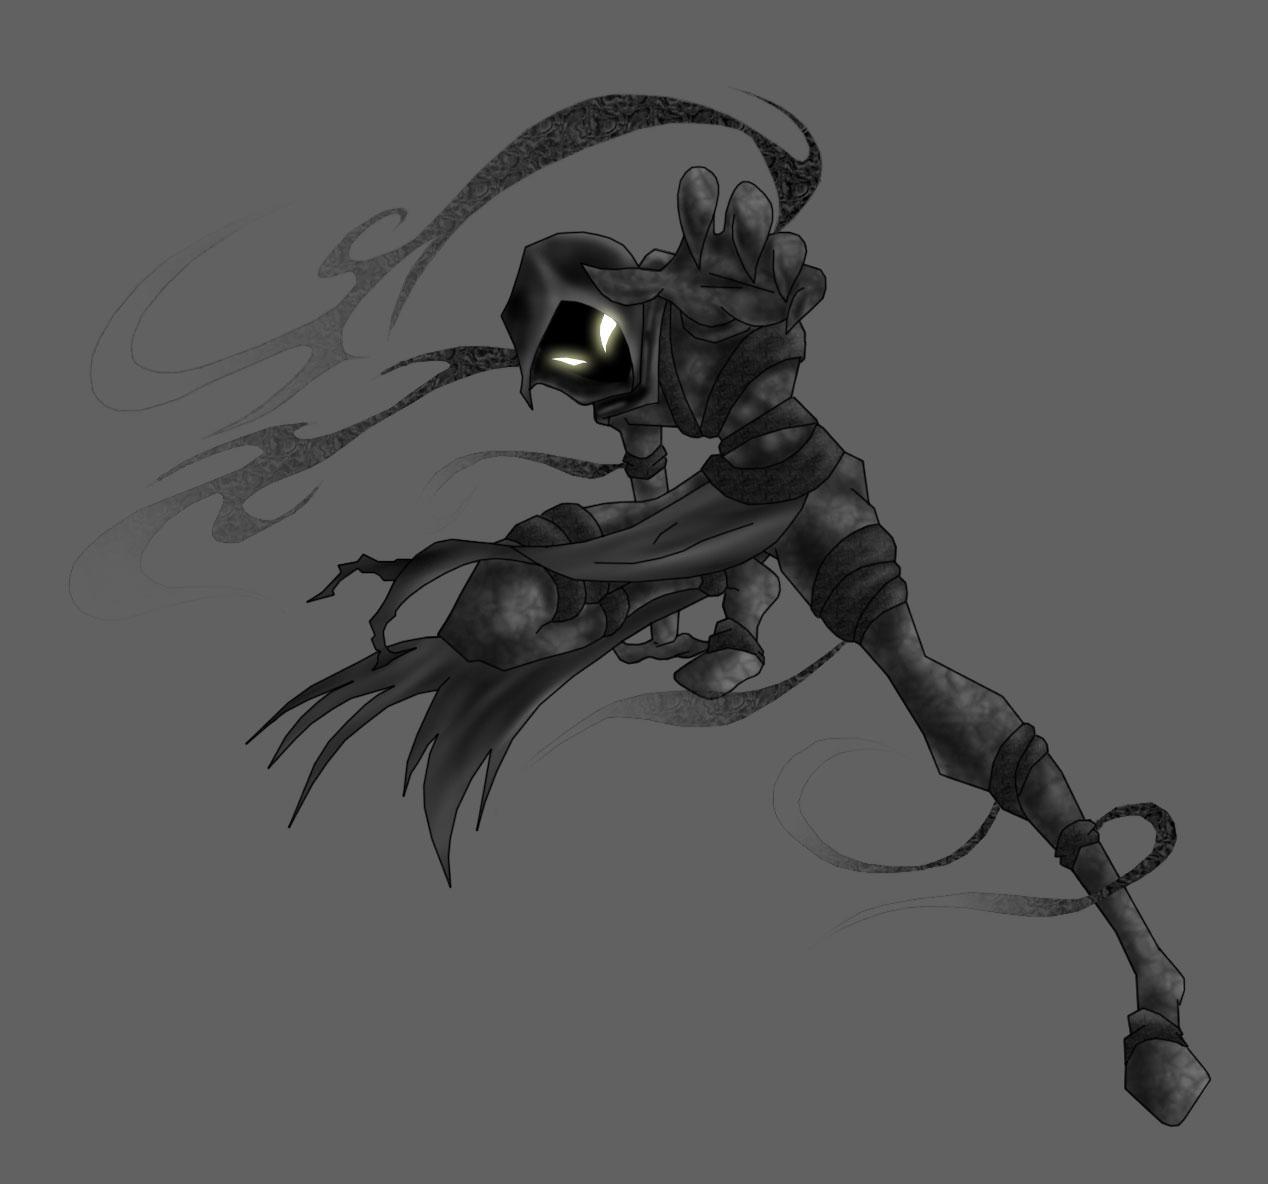 Арт демонесса